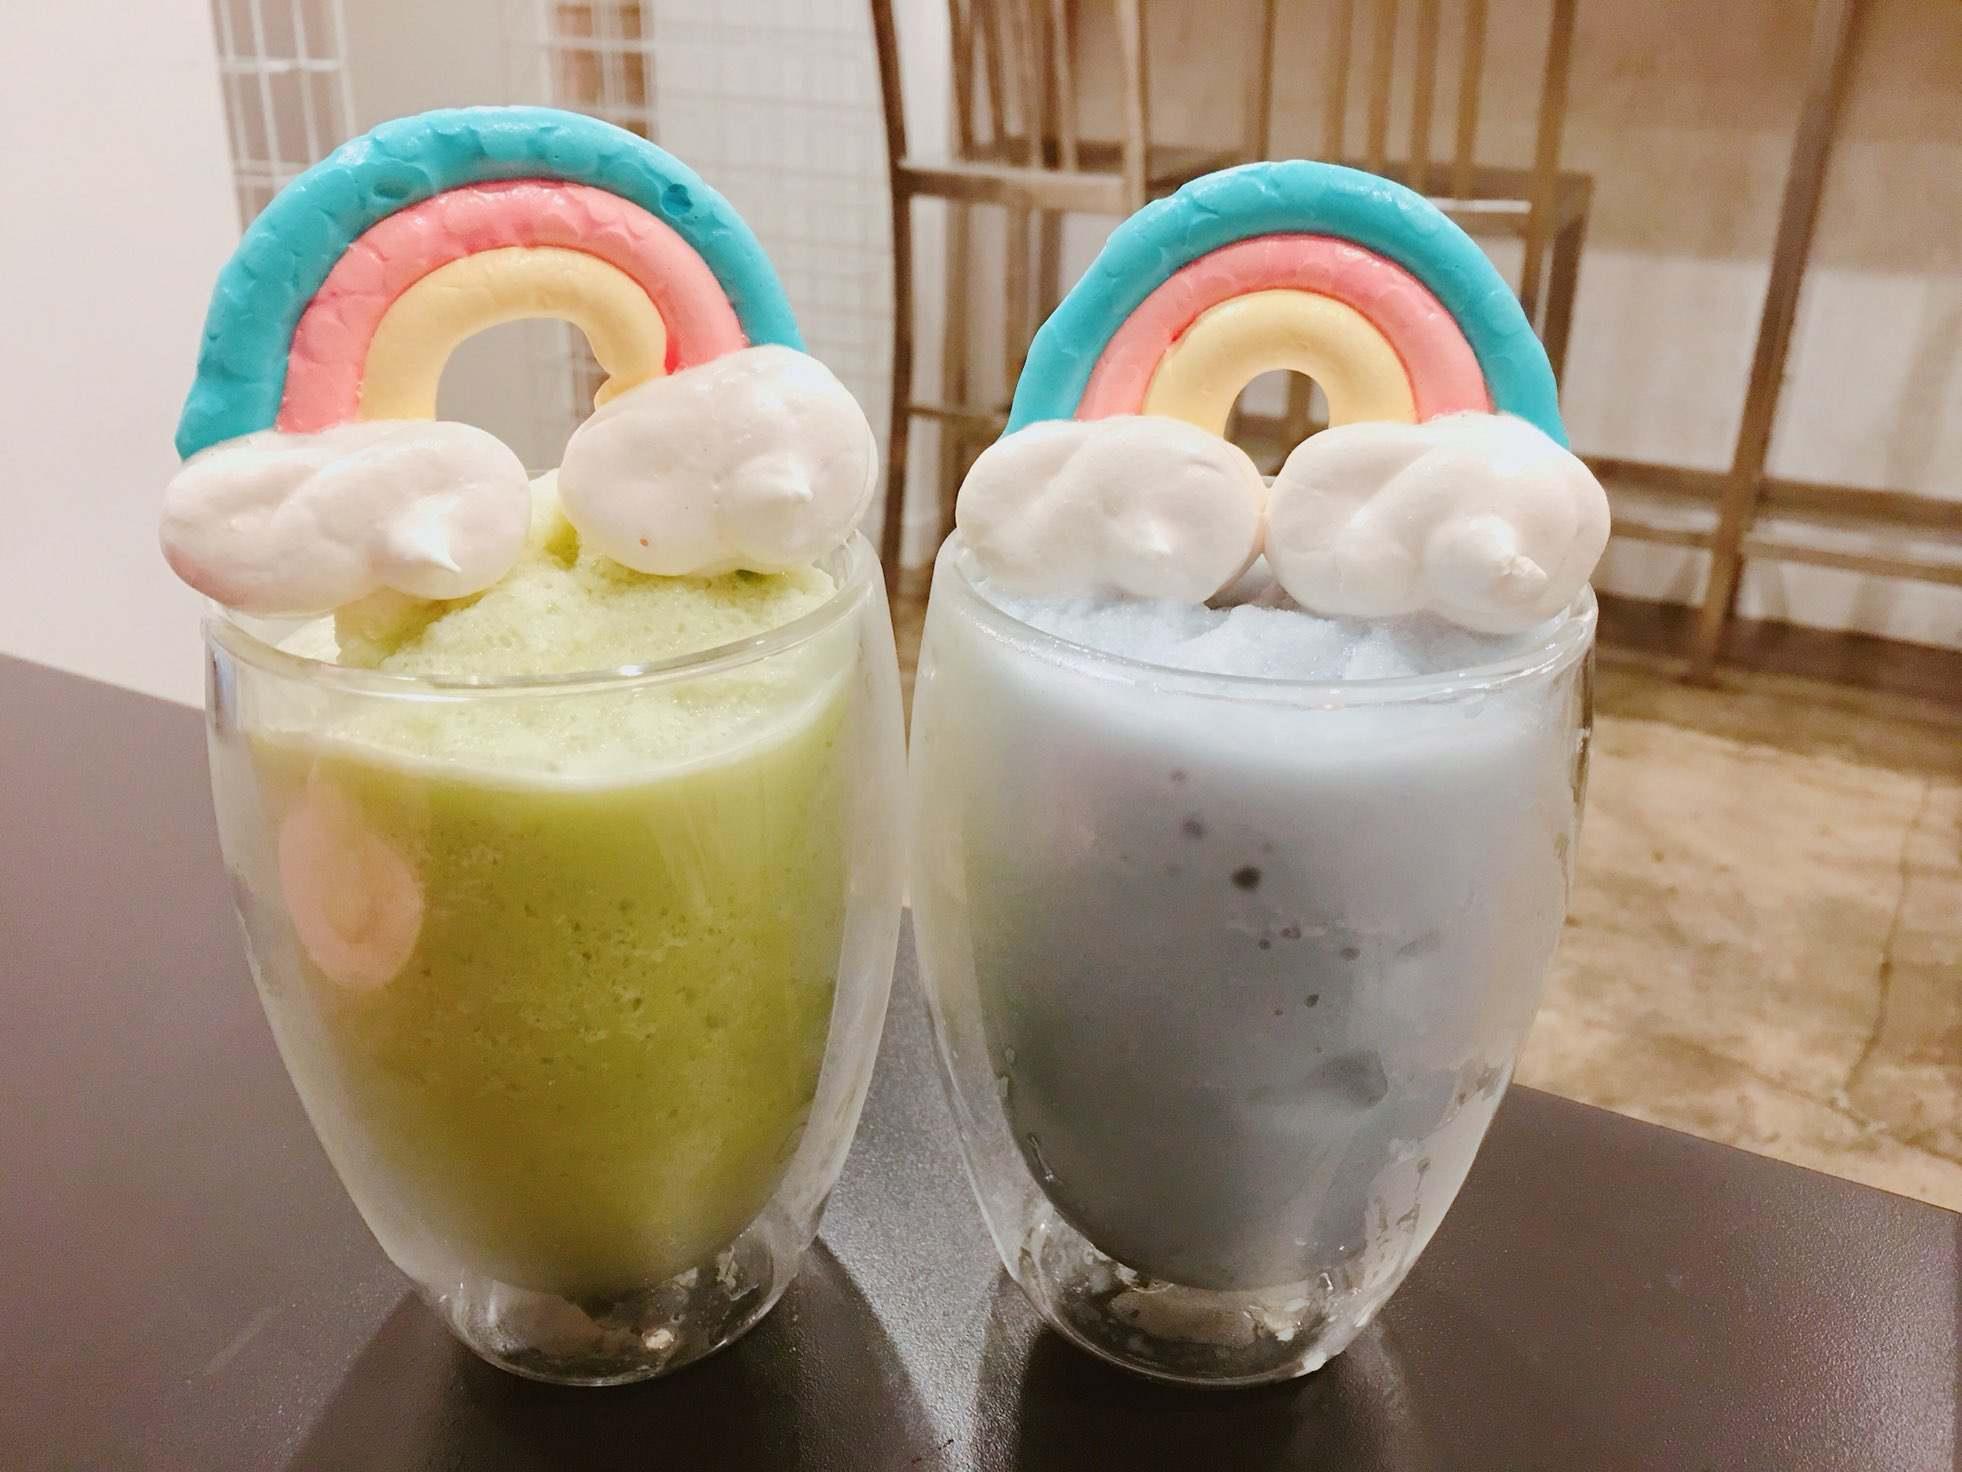 飲料的部份我們點的是彩虹冰沙,綠色是哈密瓜口味,藍色是蘇打口味,當天粉紅色的西瓜口味已經賣完了,否則粉紅色一定更可愛啦^^ - 地址: 332-32 Seogyo-dong, Mapo-gu, Seoul 營業時間: 11:00-23:00